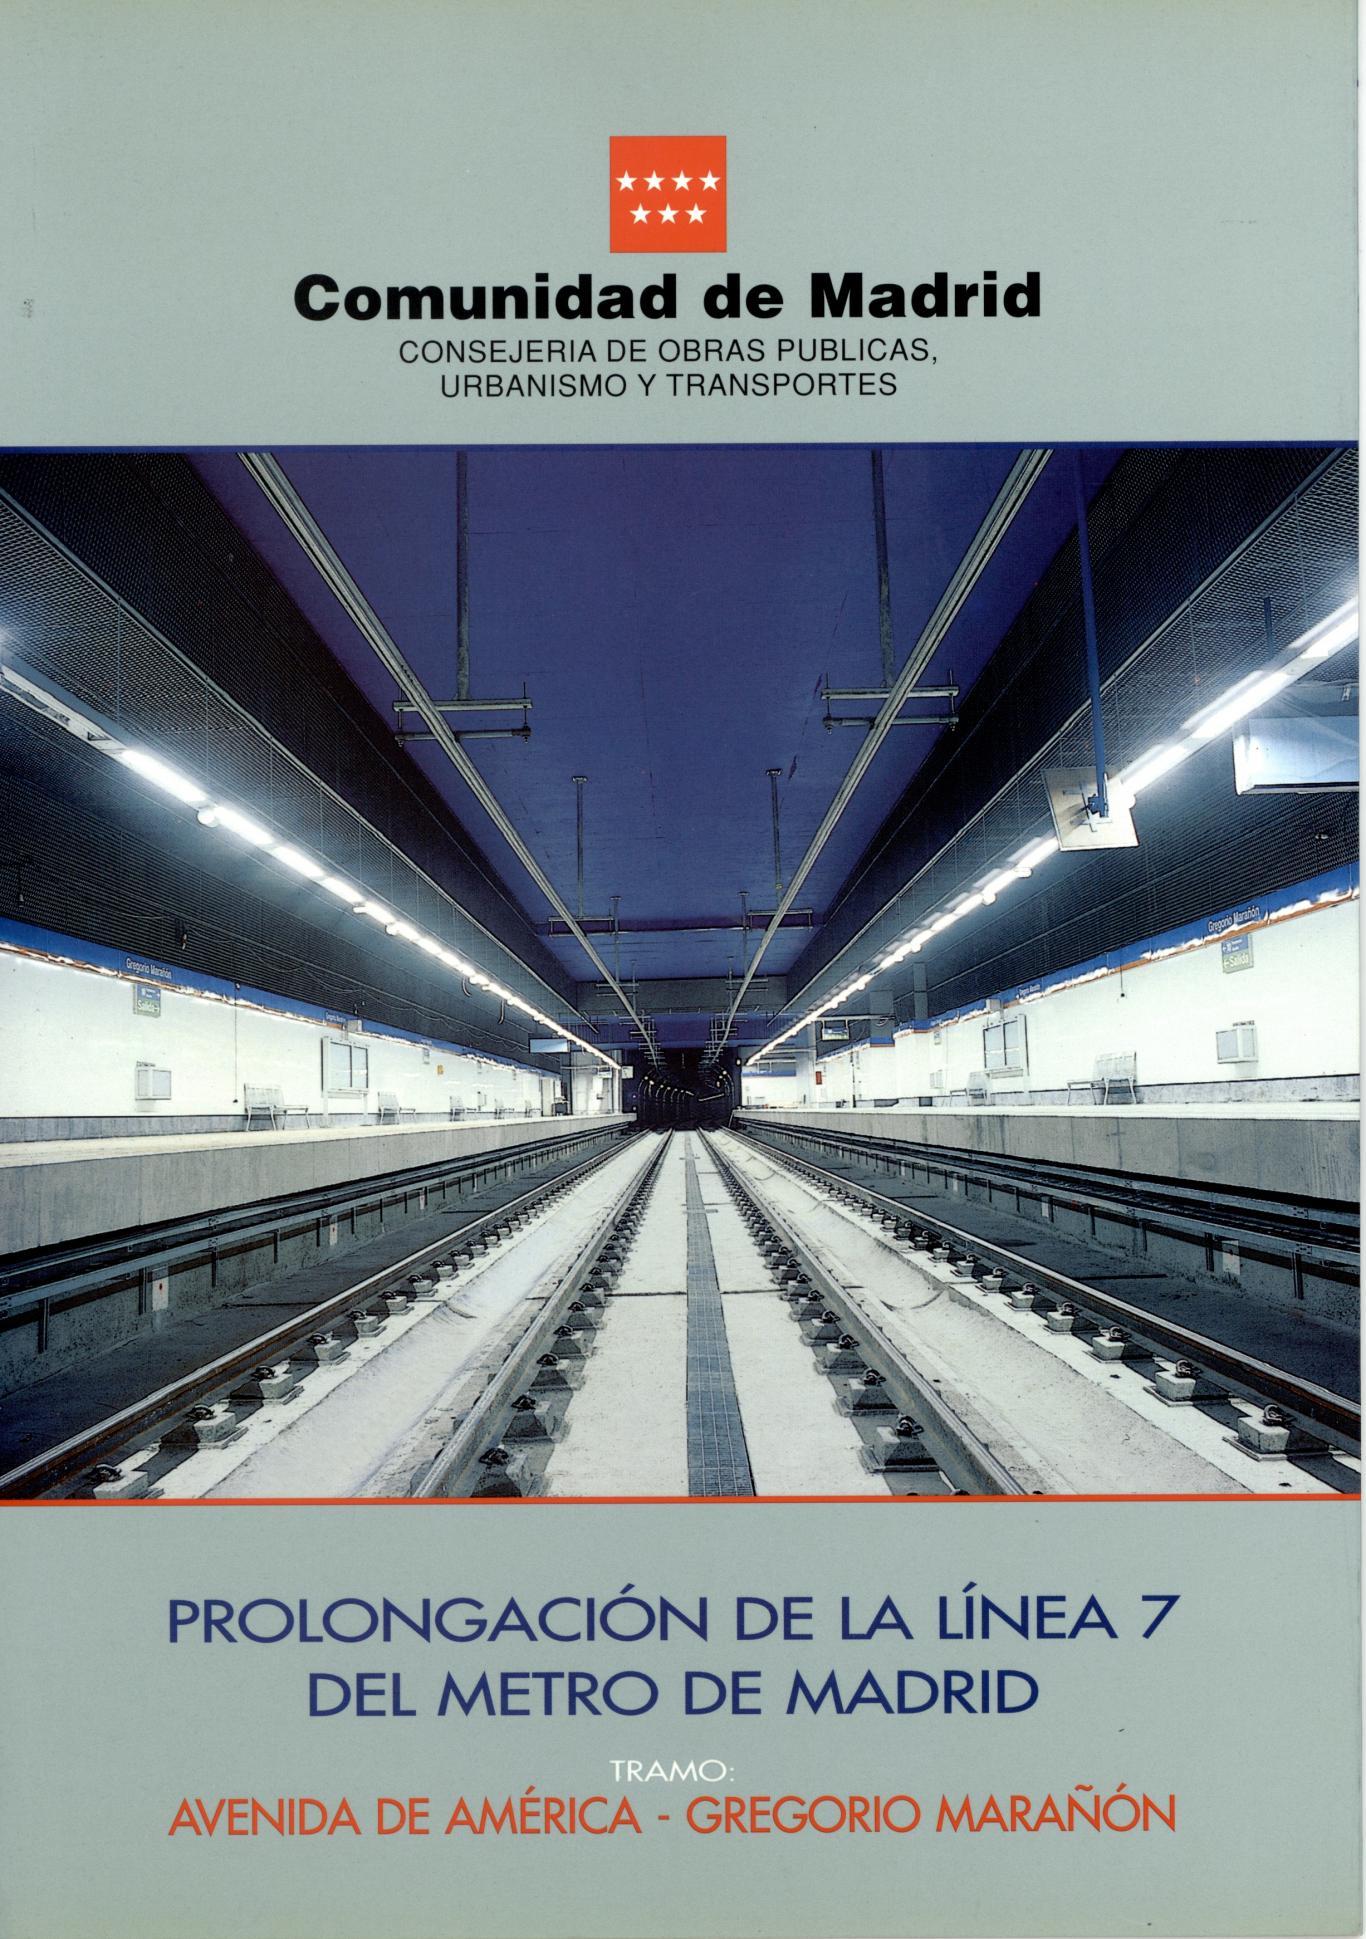 Carátula folleto L7 Avda. América-Gregorio Marañón